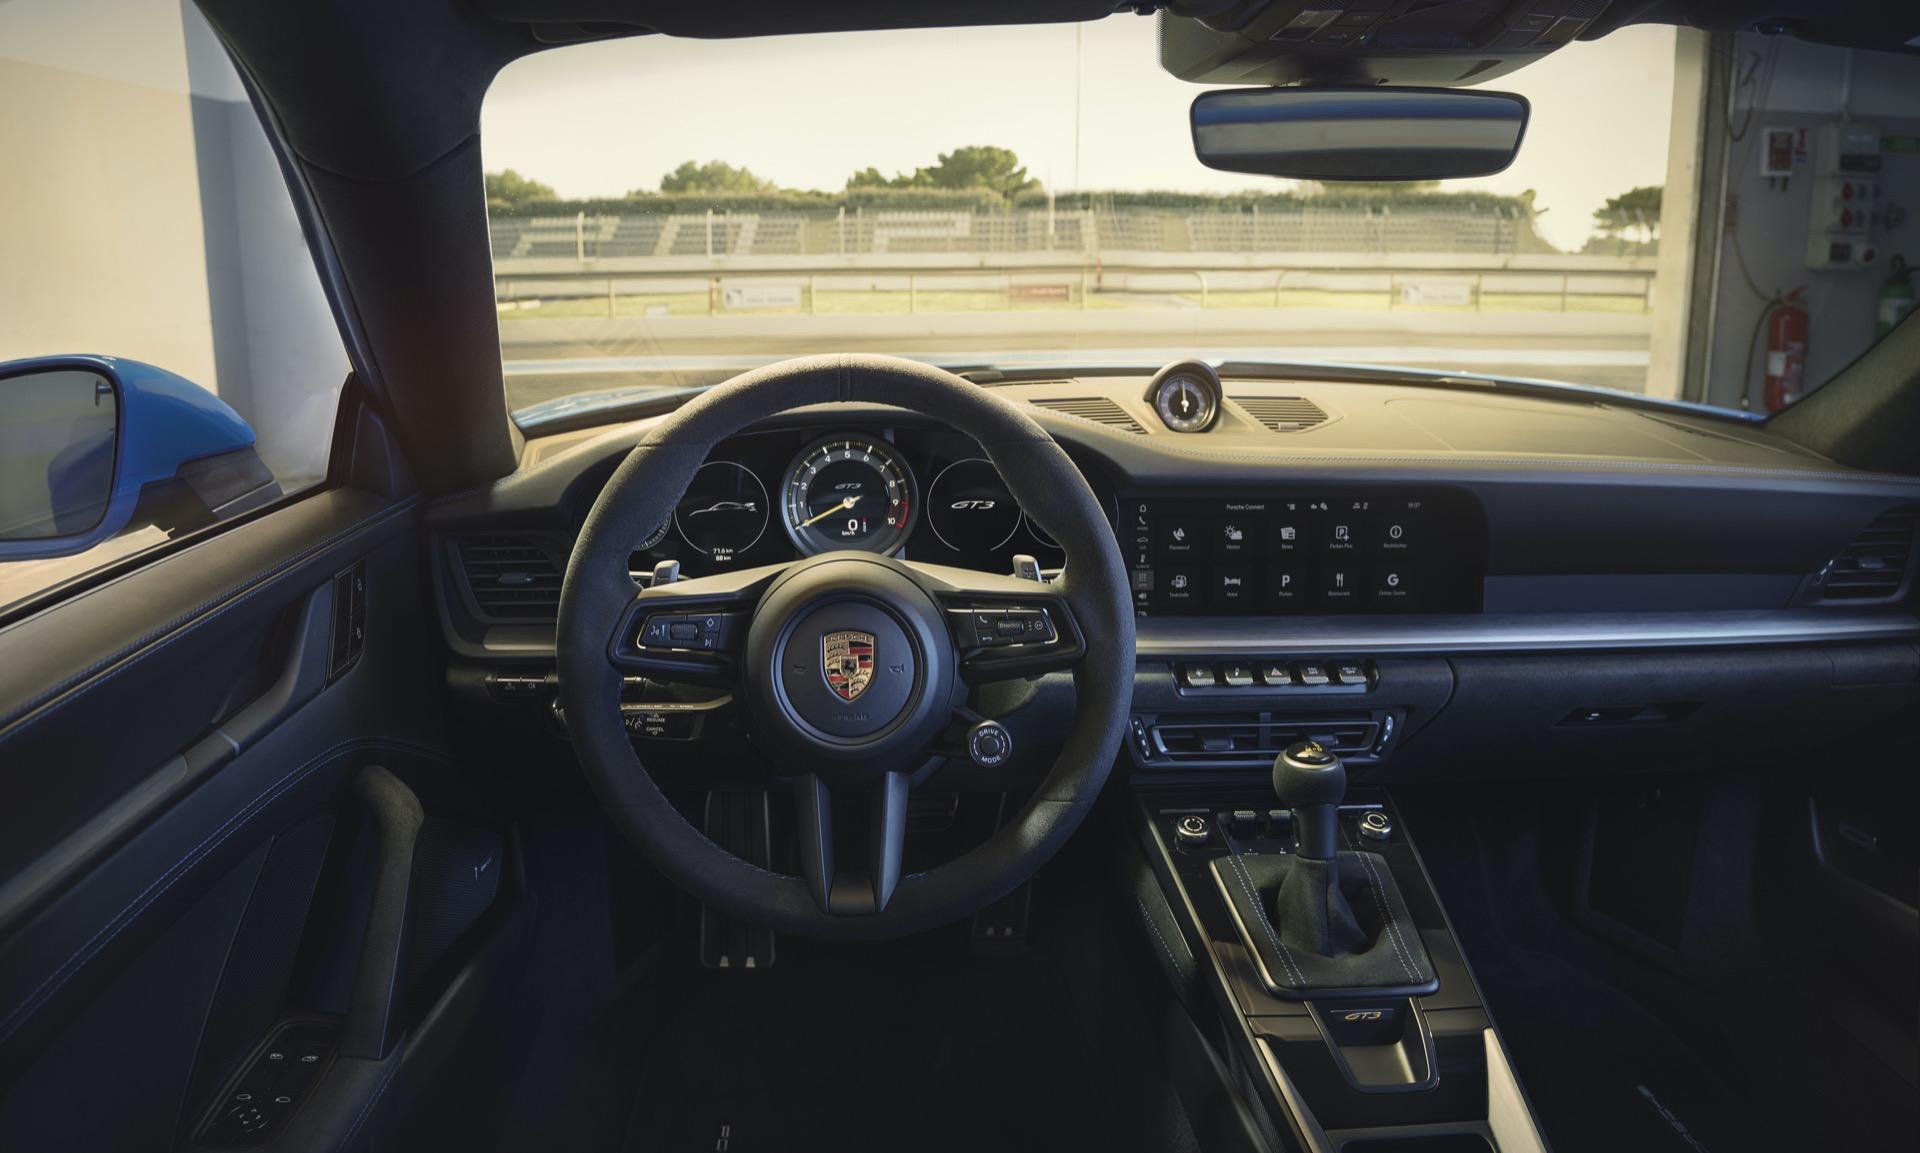 Porsche 911 Gt3 Combustion Engine Efuel Interior